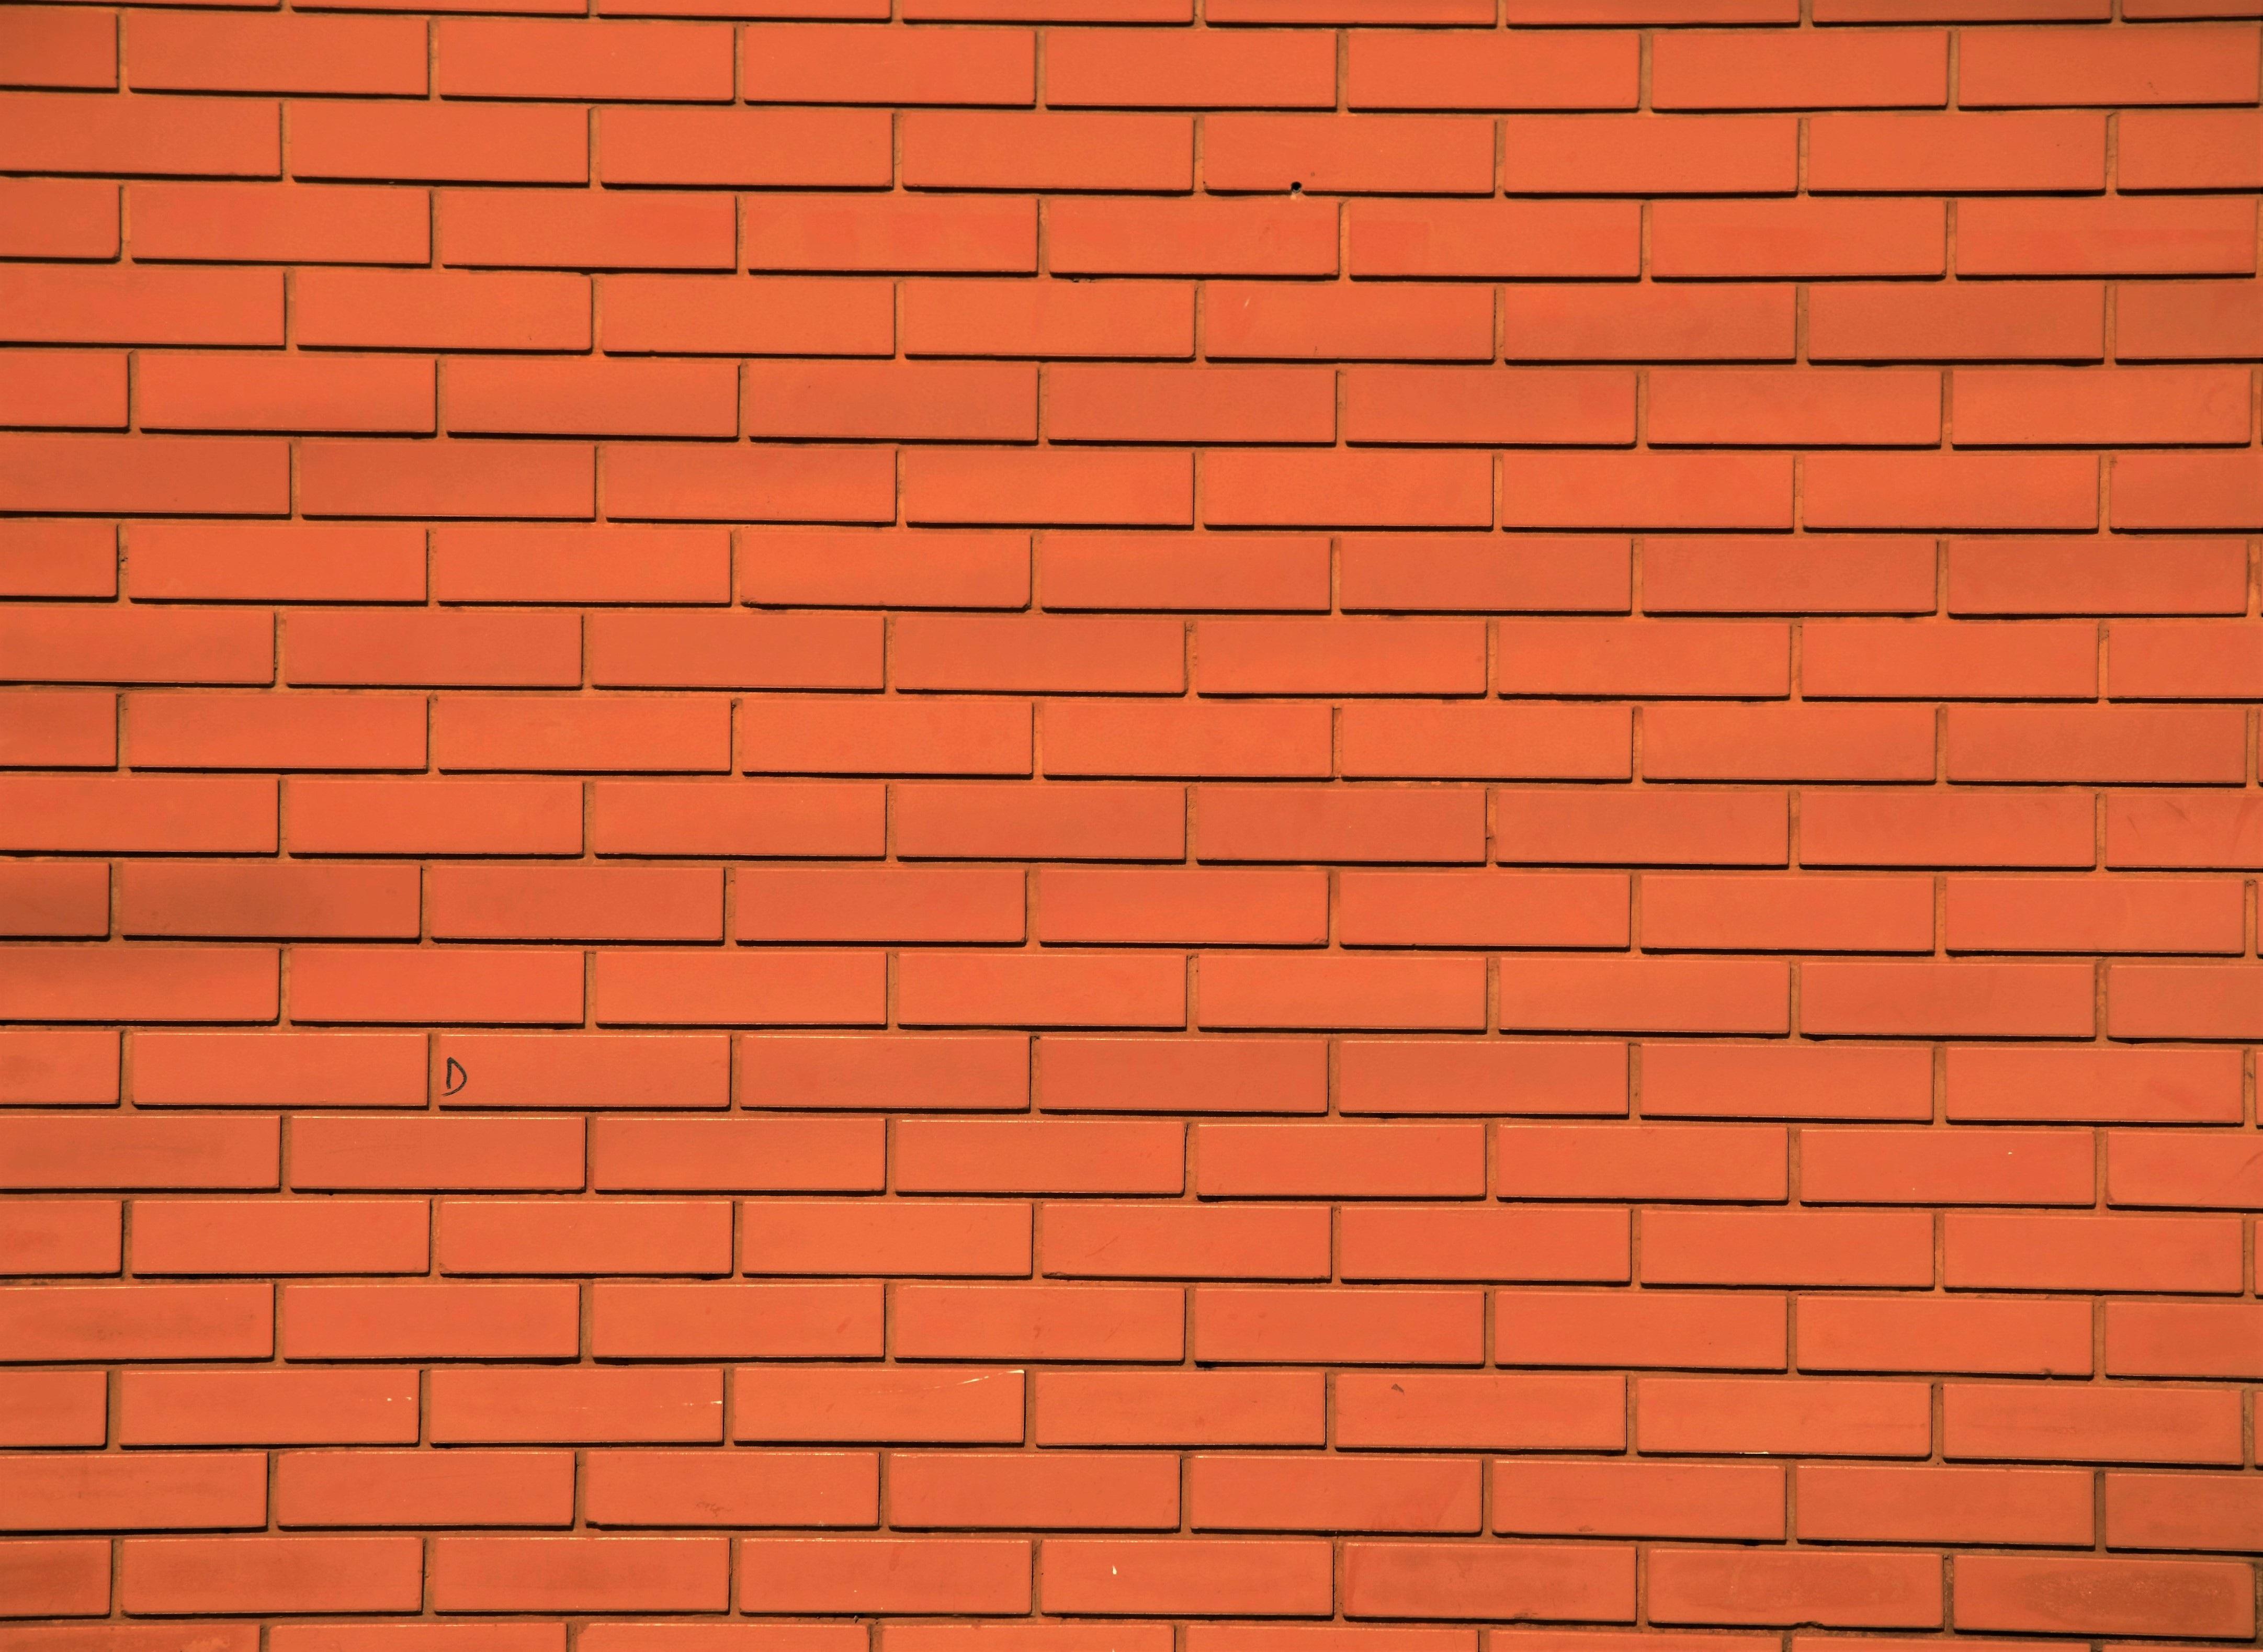 Wall Bricks Free Stock Photo